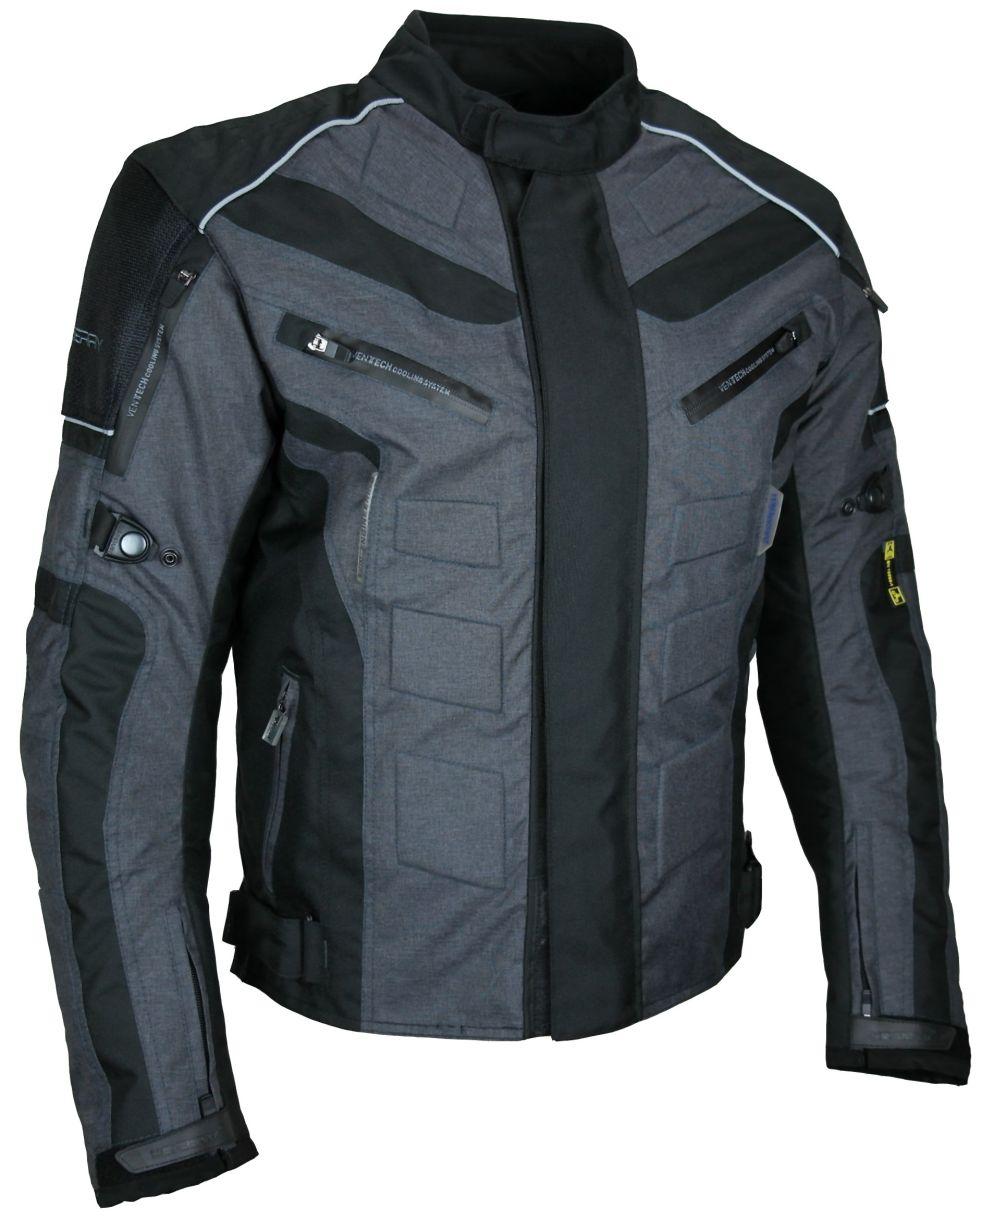 Kurze Textil Motorrad Jacke Motorradjacke Schwarz Grau Gr. M - 3XL